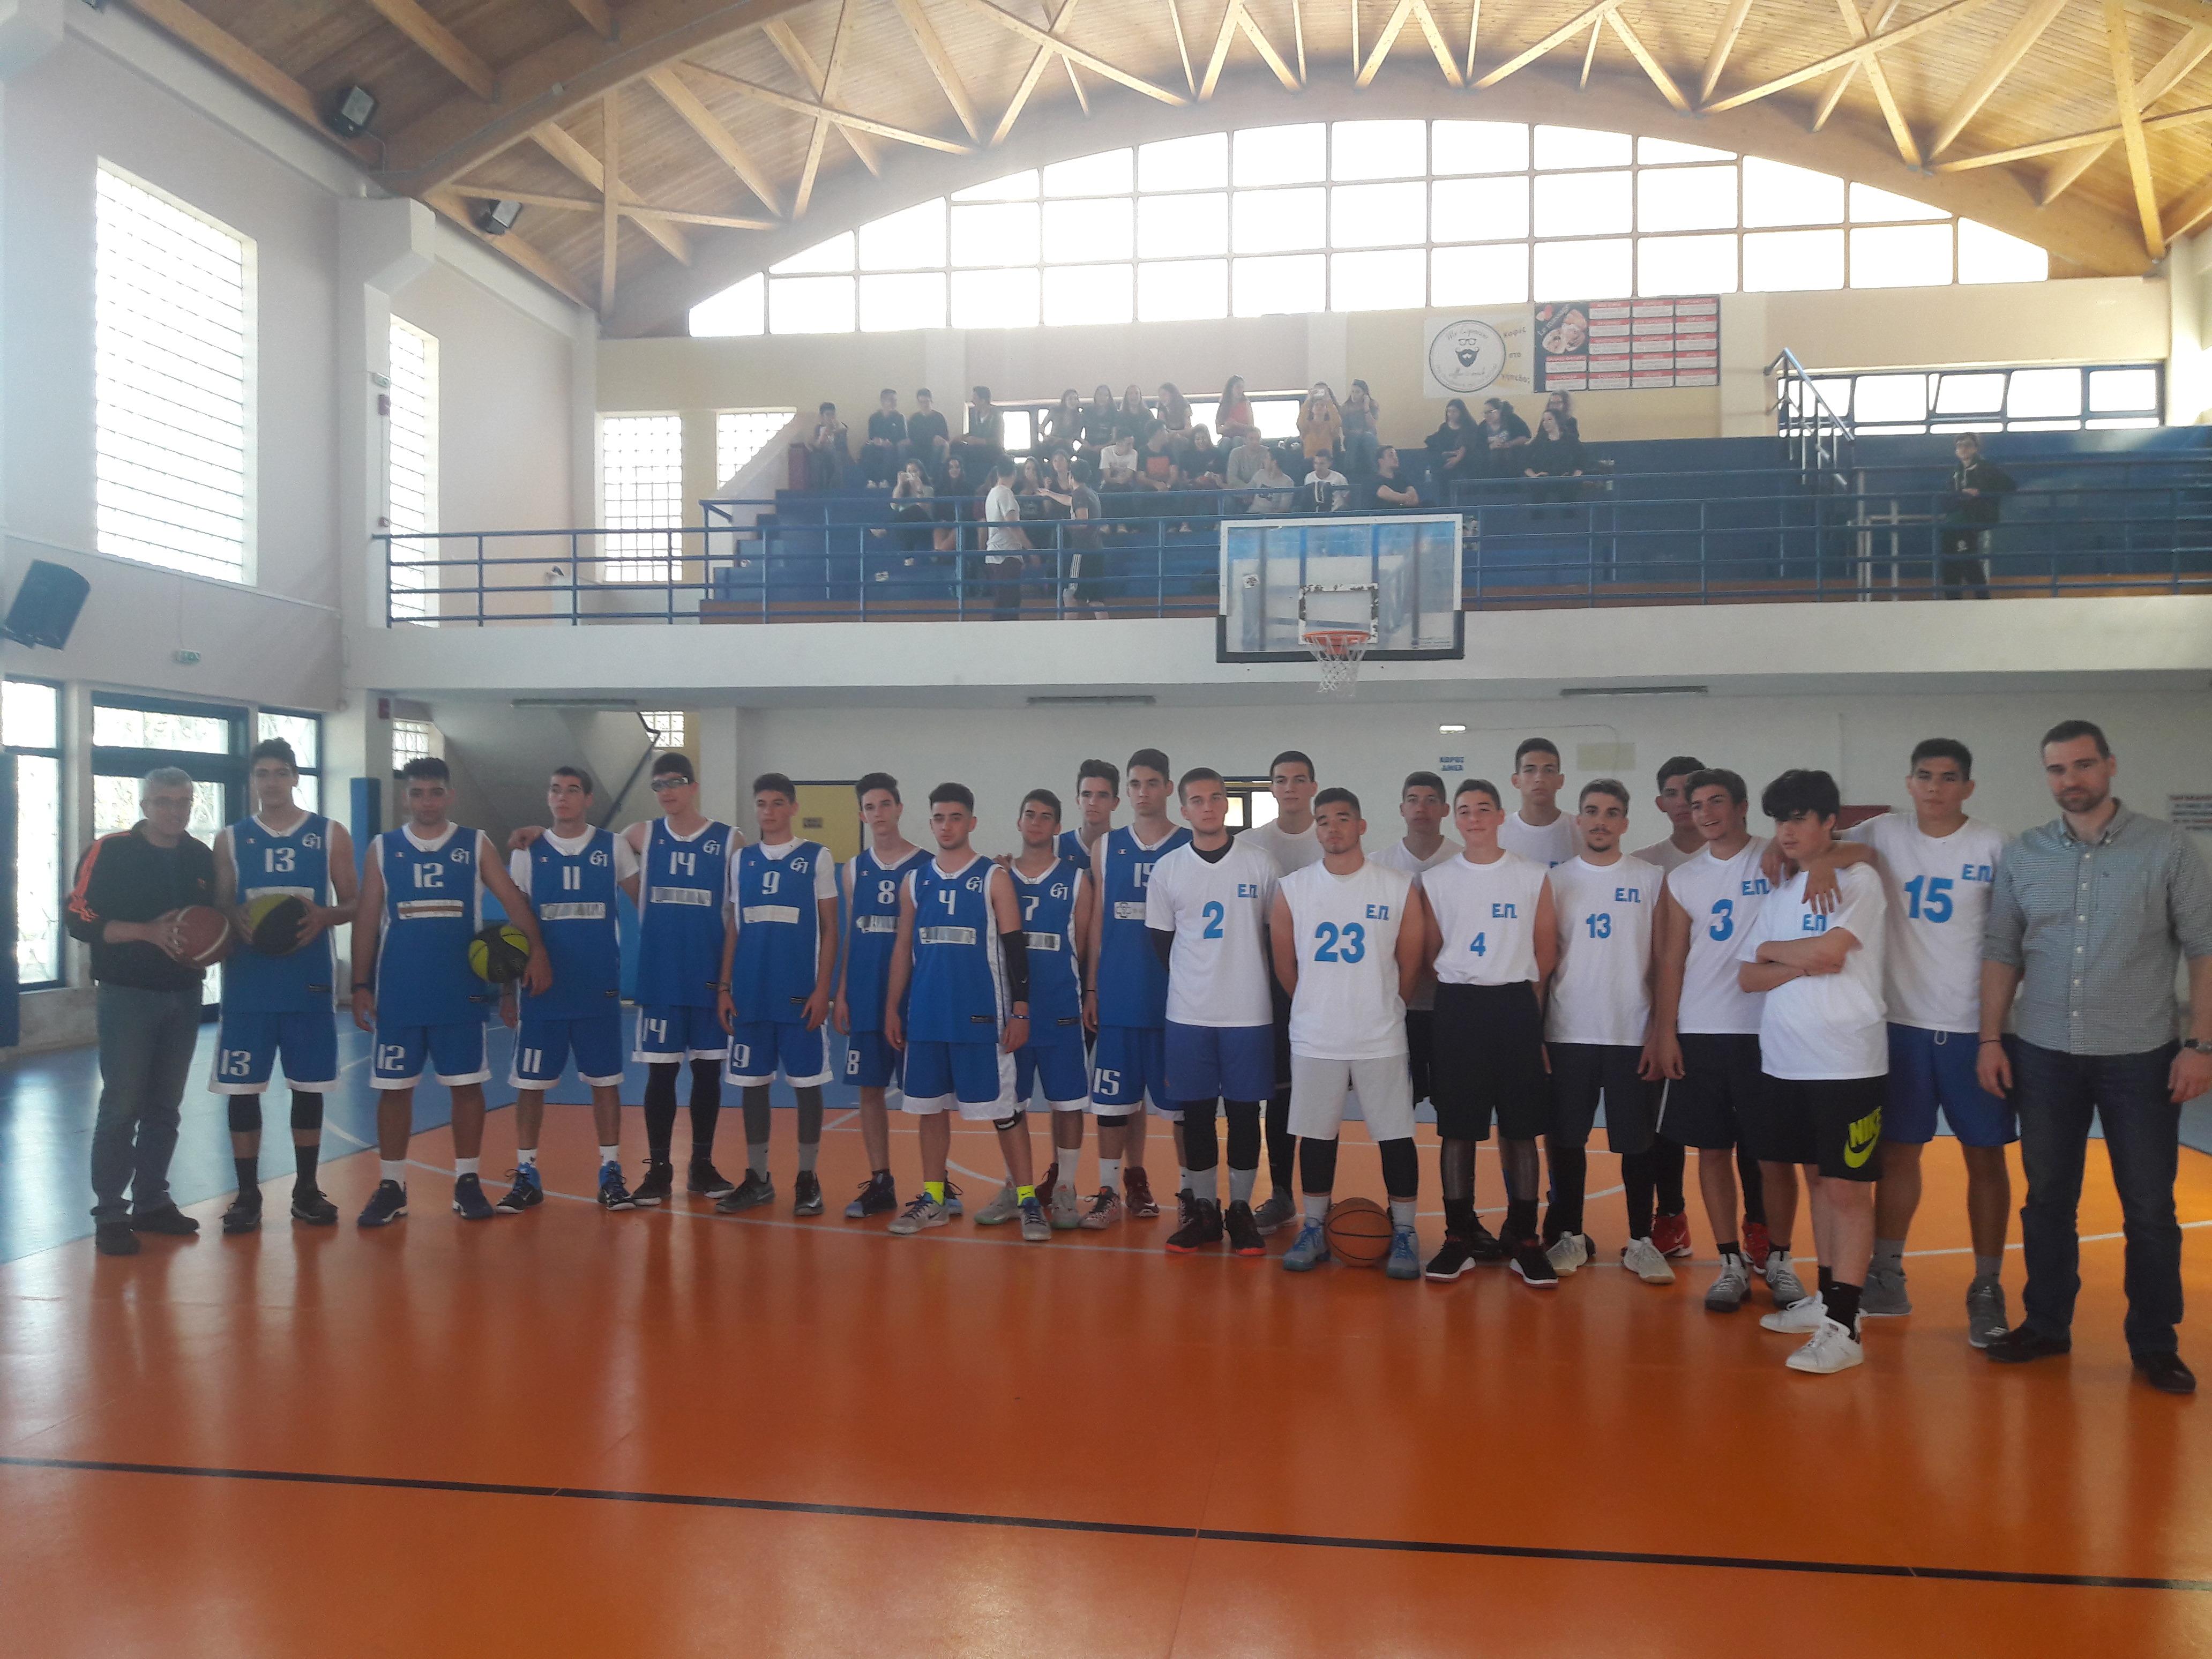 Διασχολικό πρωτάθλημα Καλαθοσφαίρισης αγοριών